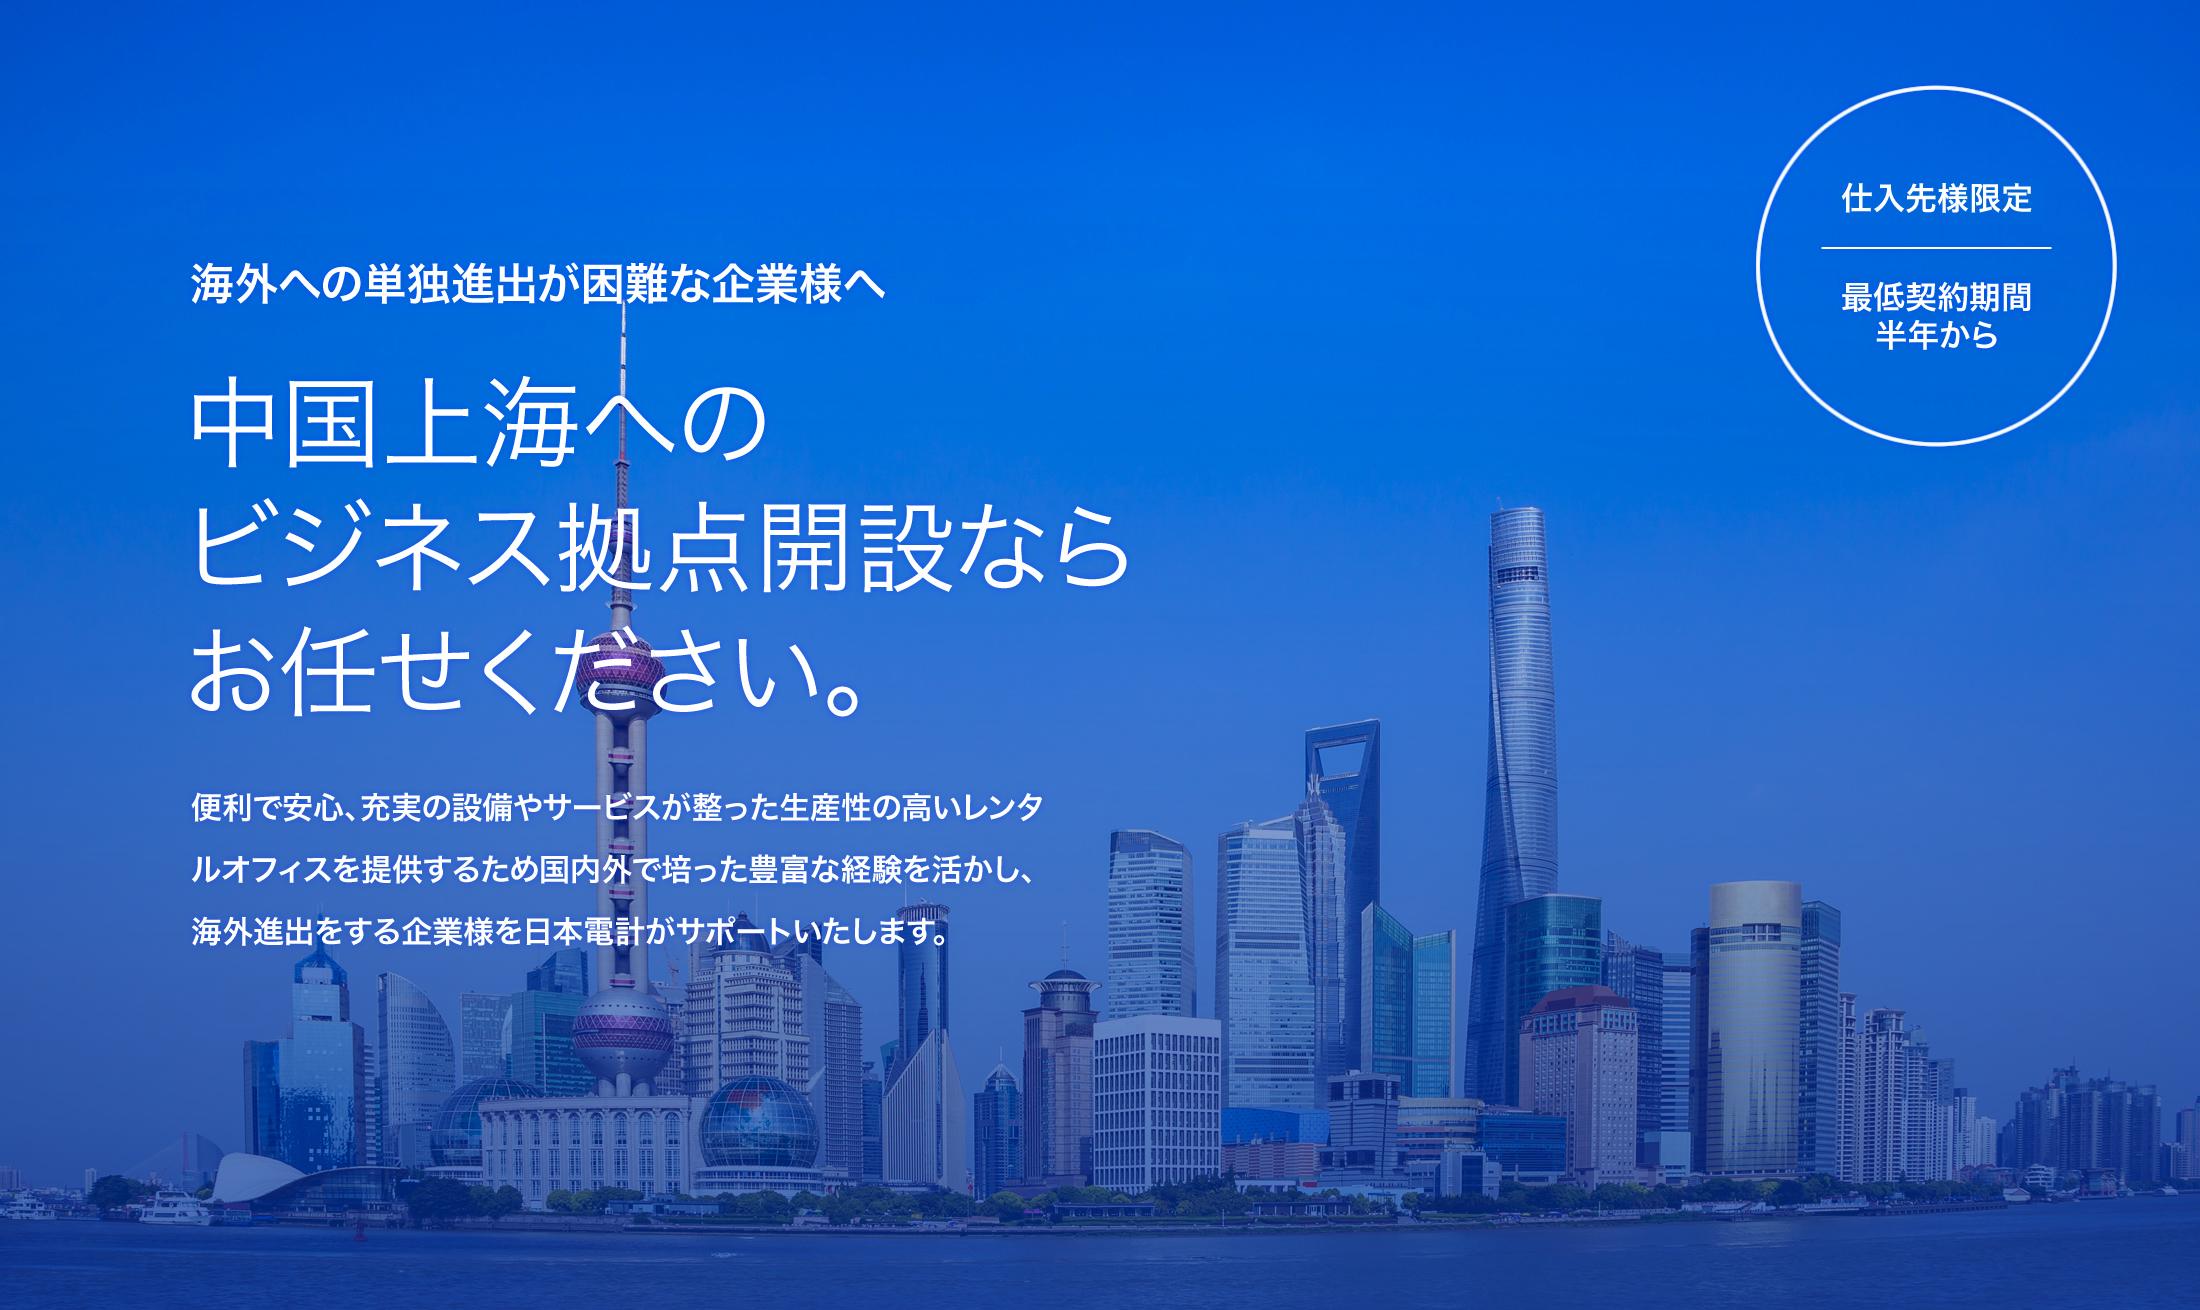 海外への単独進出が困難な企業様へ。中国上海へのビジネス拠点開設ならお任せください。便利で安心、充実の設備やサービスが整った生産性の高いレンタルオフィスを提供するため国内外で培った豊富な経験を活かし、海外進出をする企業様を日本電計がサポートいたします。